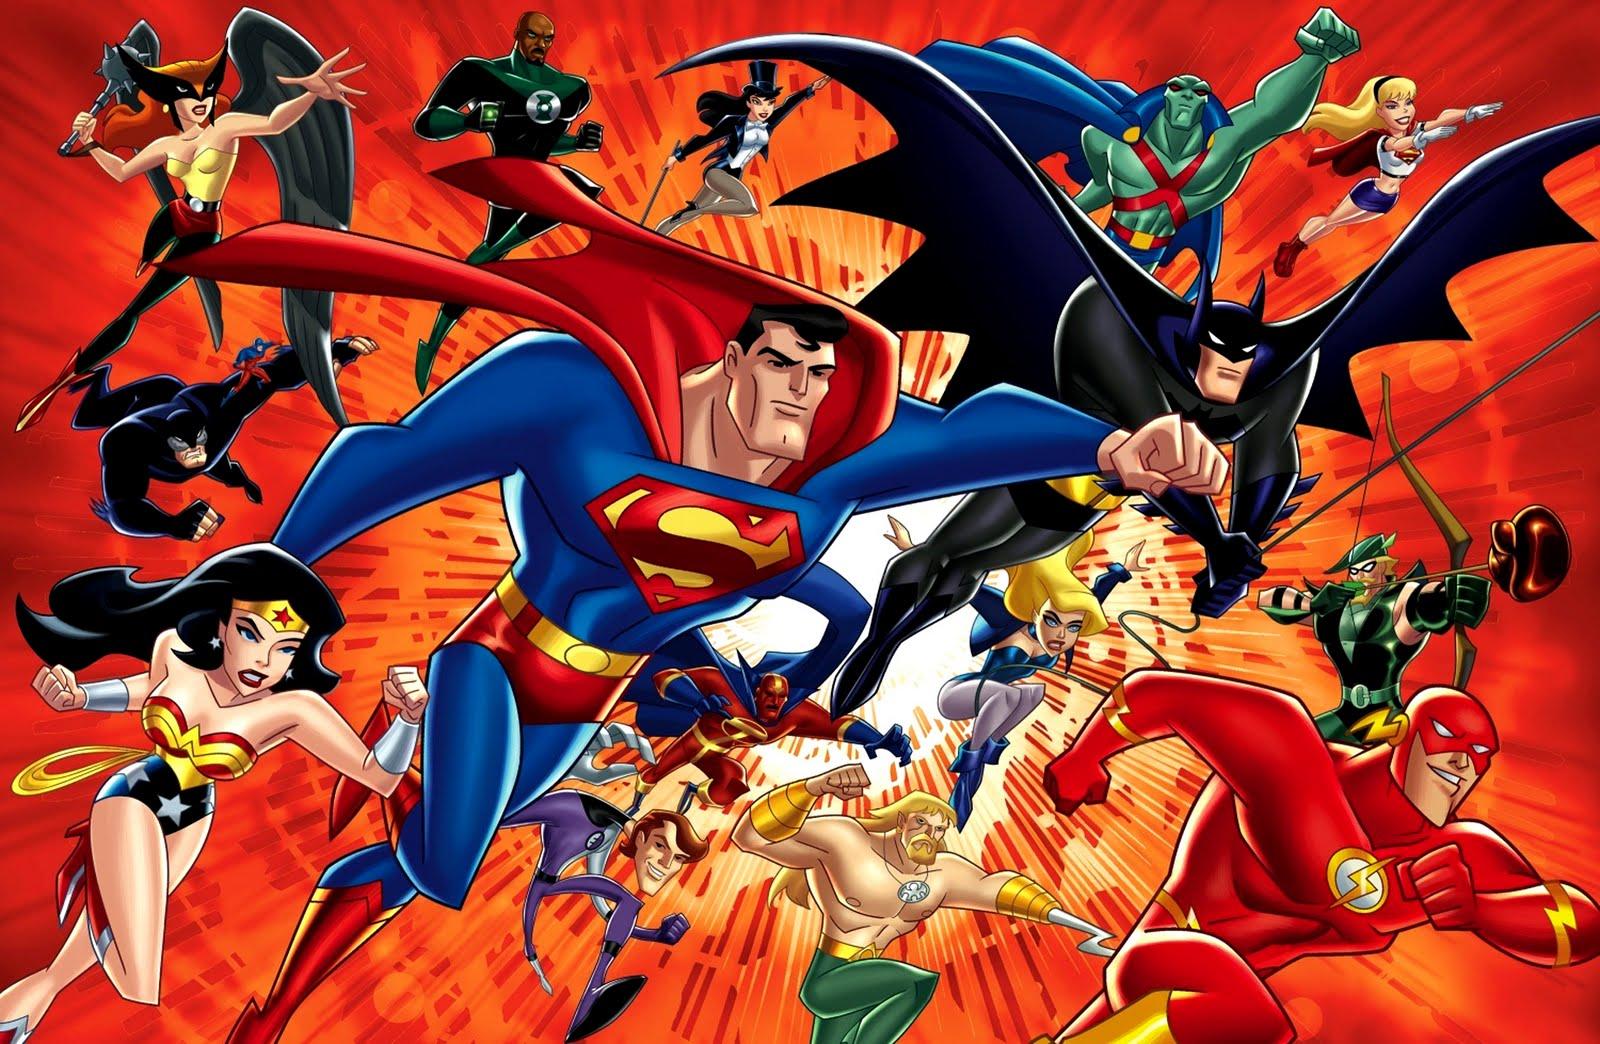 Download DC Comics All Characters HD Desktop WallpapersHigh 1600x1044